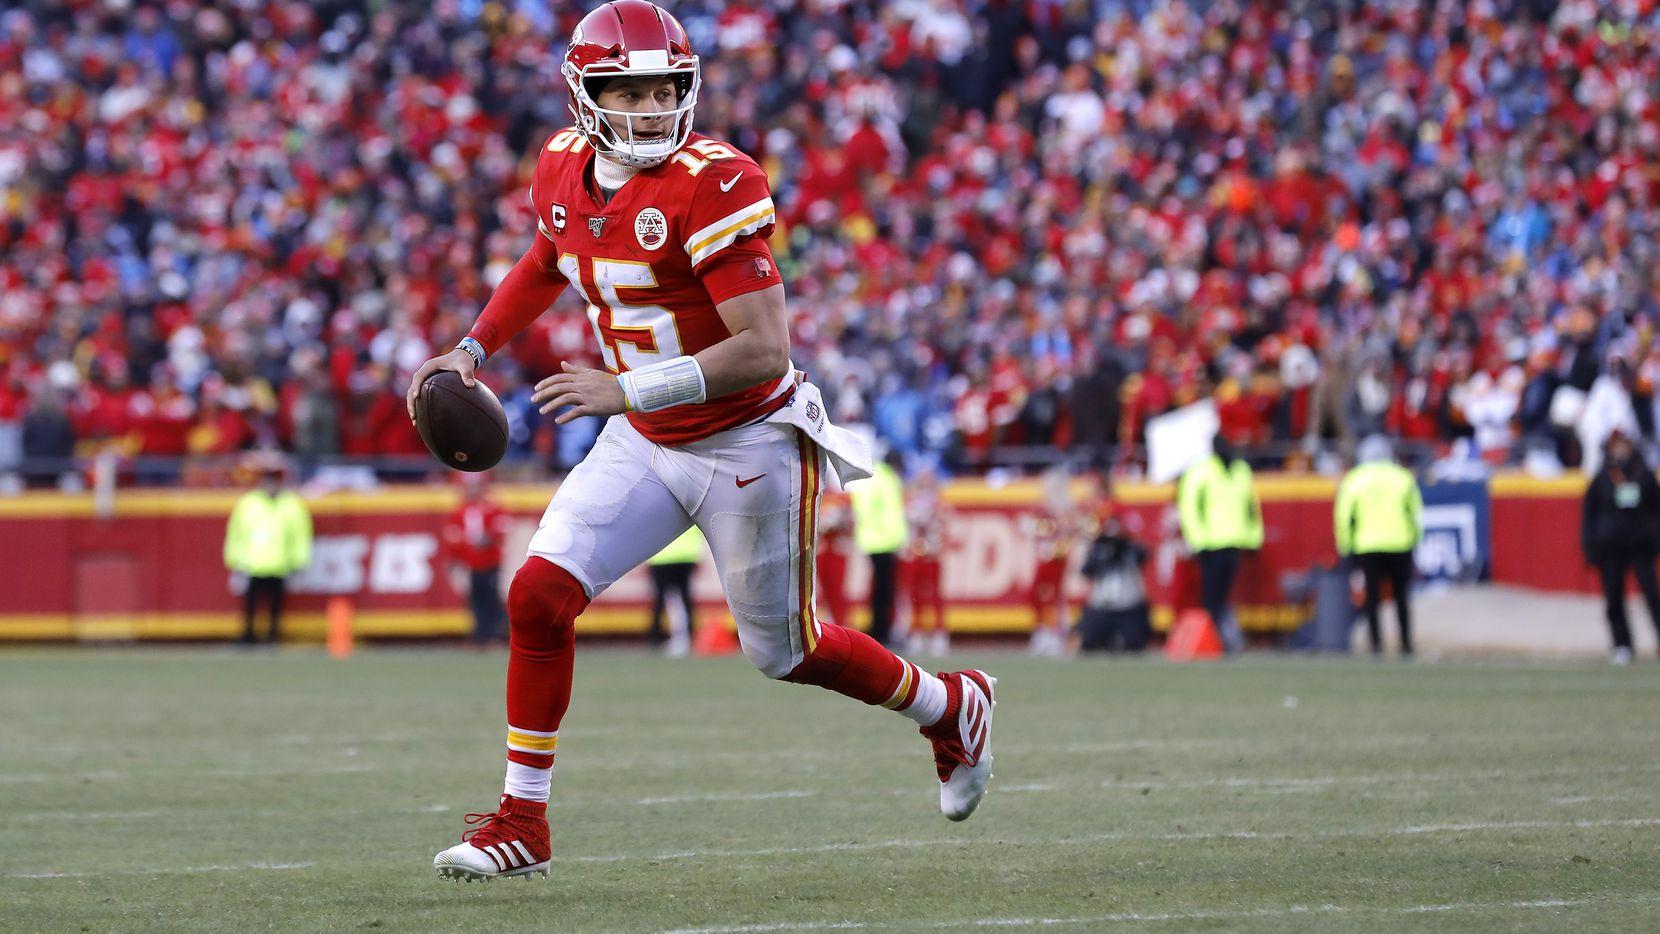 El mariscal de los Chiefs de Kansas City, Patrick Mahomes, solo sufrió cinco pases interceptados toda la temporada pasada.